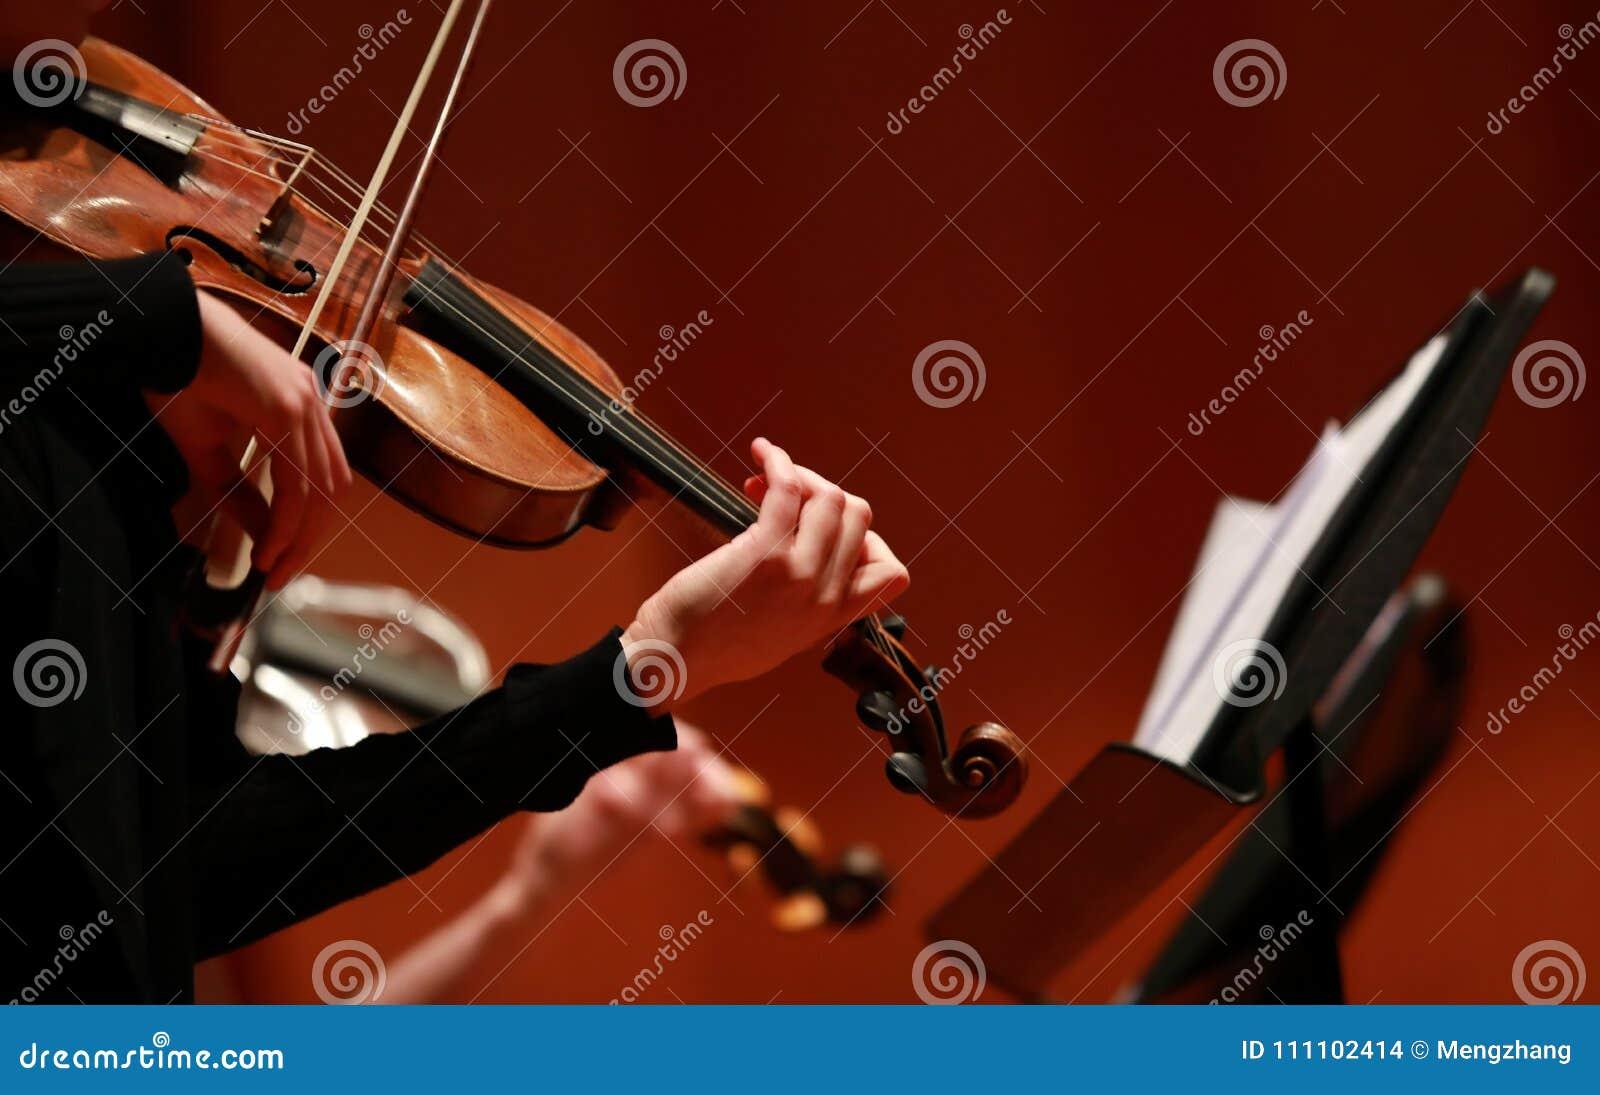 Musique classique Violonistes de concert Ficelé, violinistCloseup de musicien jouant le violon pendant un symphonie